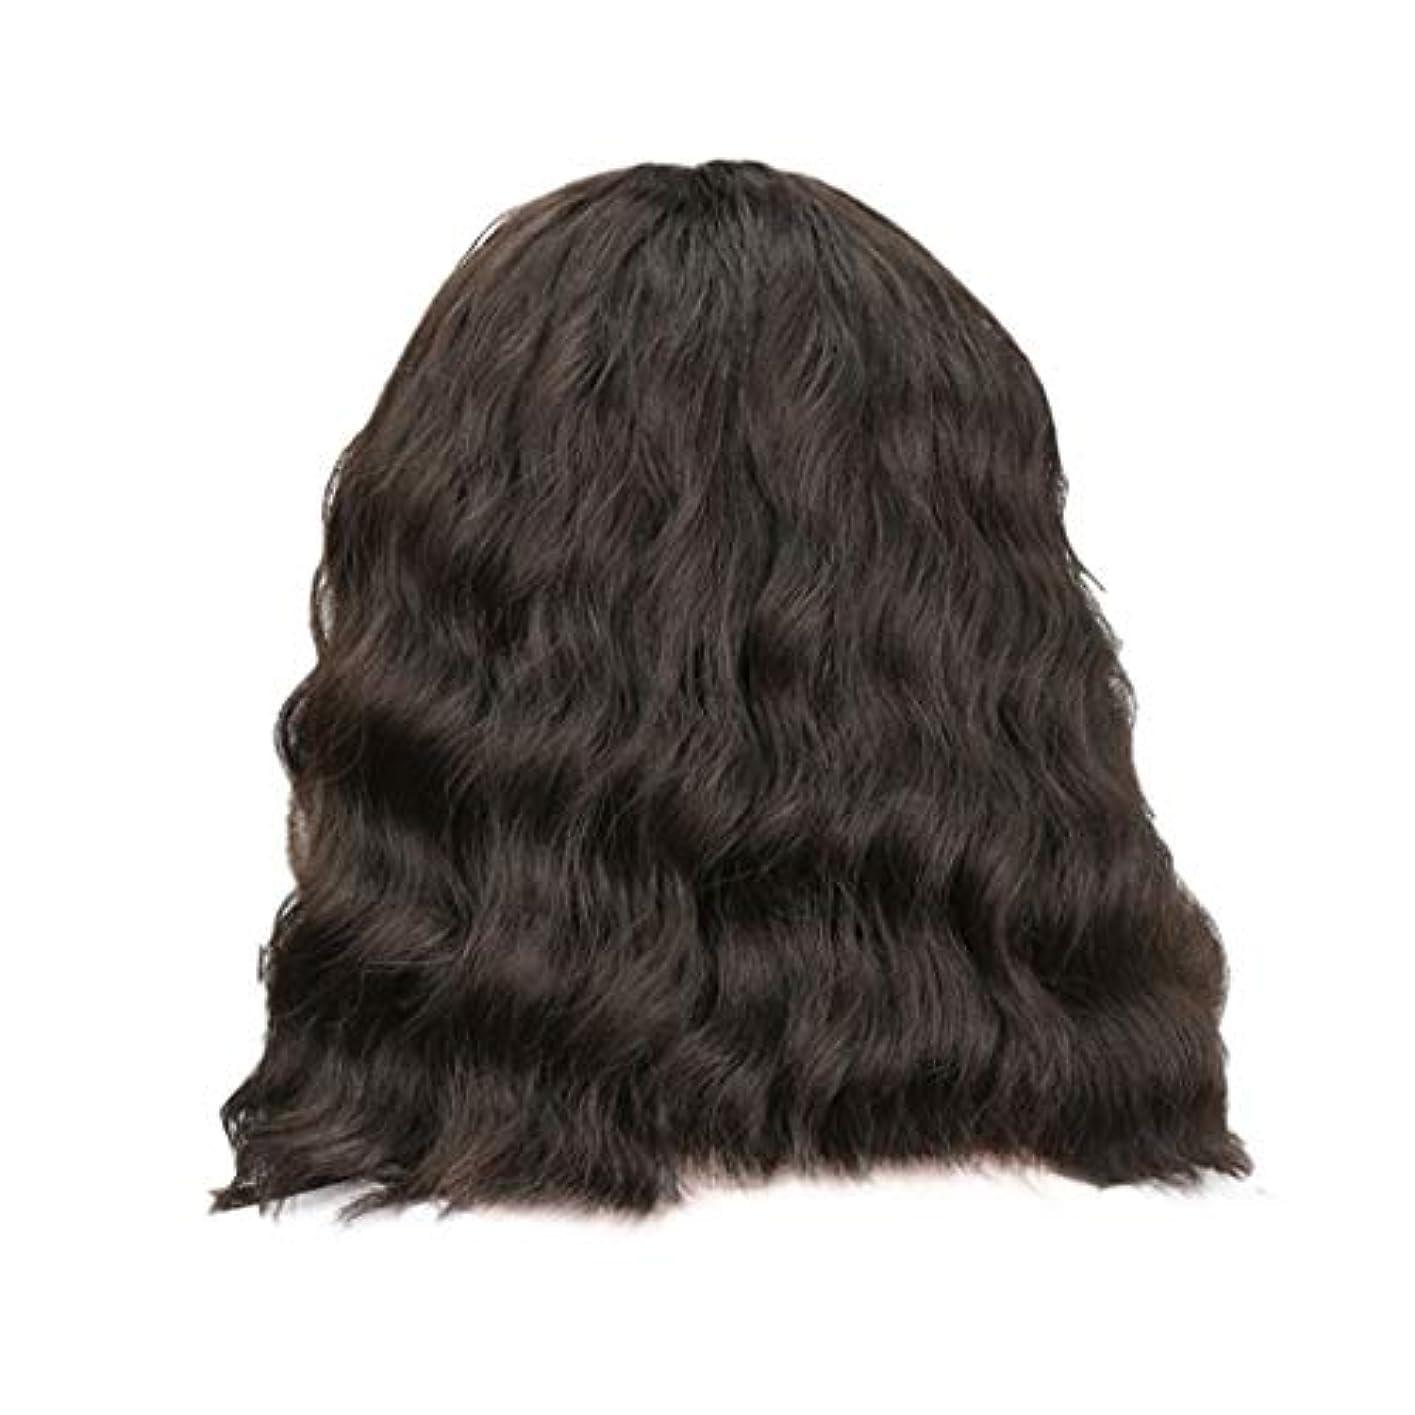 一般束エゴイズム女性の黒の短い巻き毛のかつらボブ波かつらローズネット34 cm